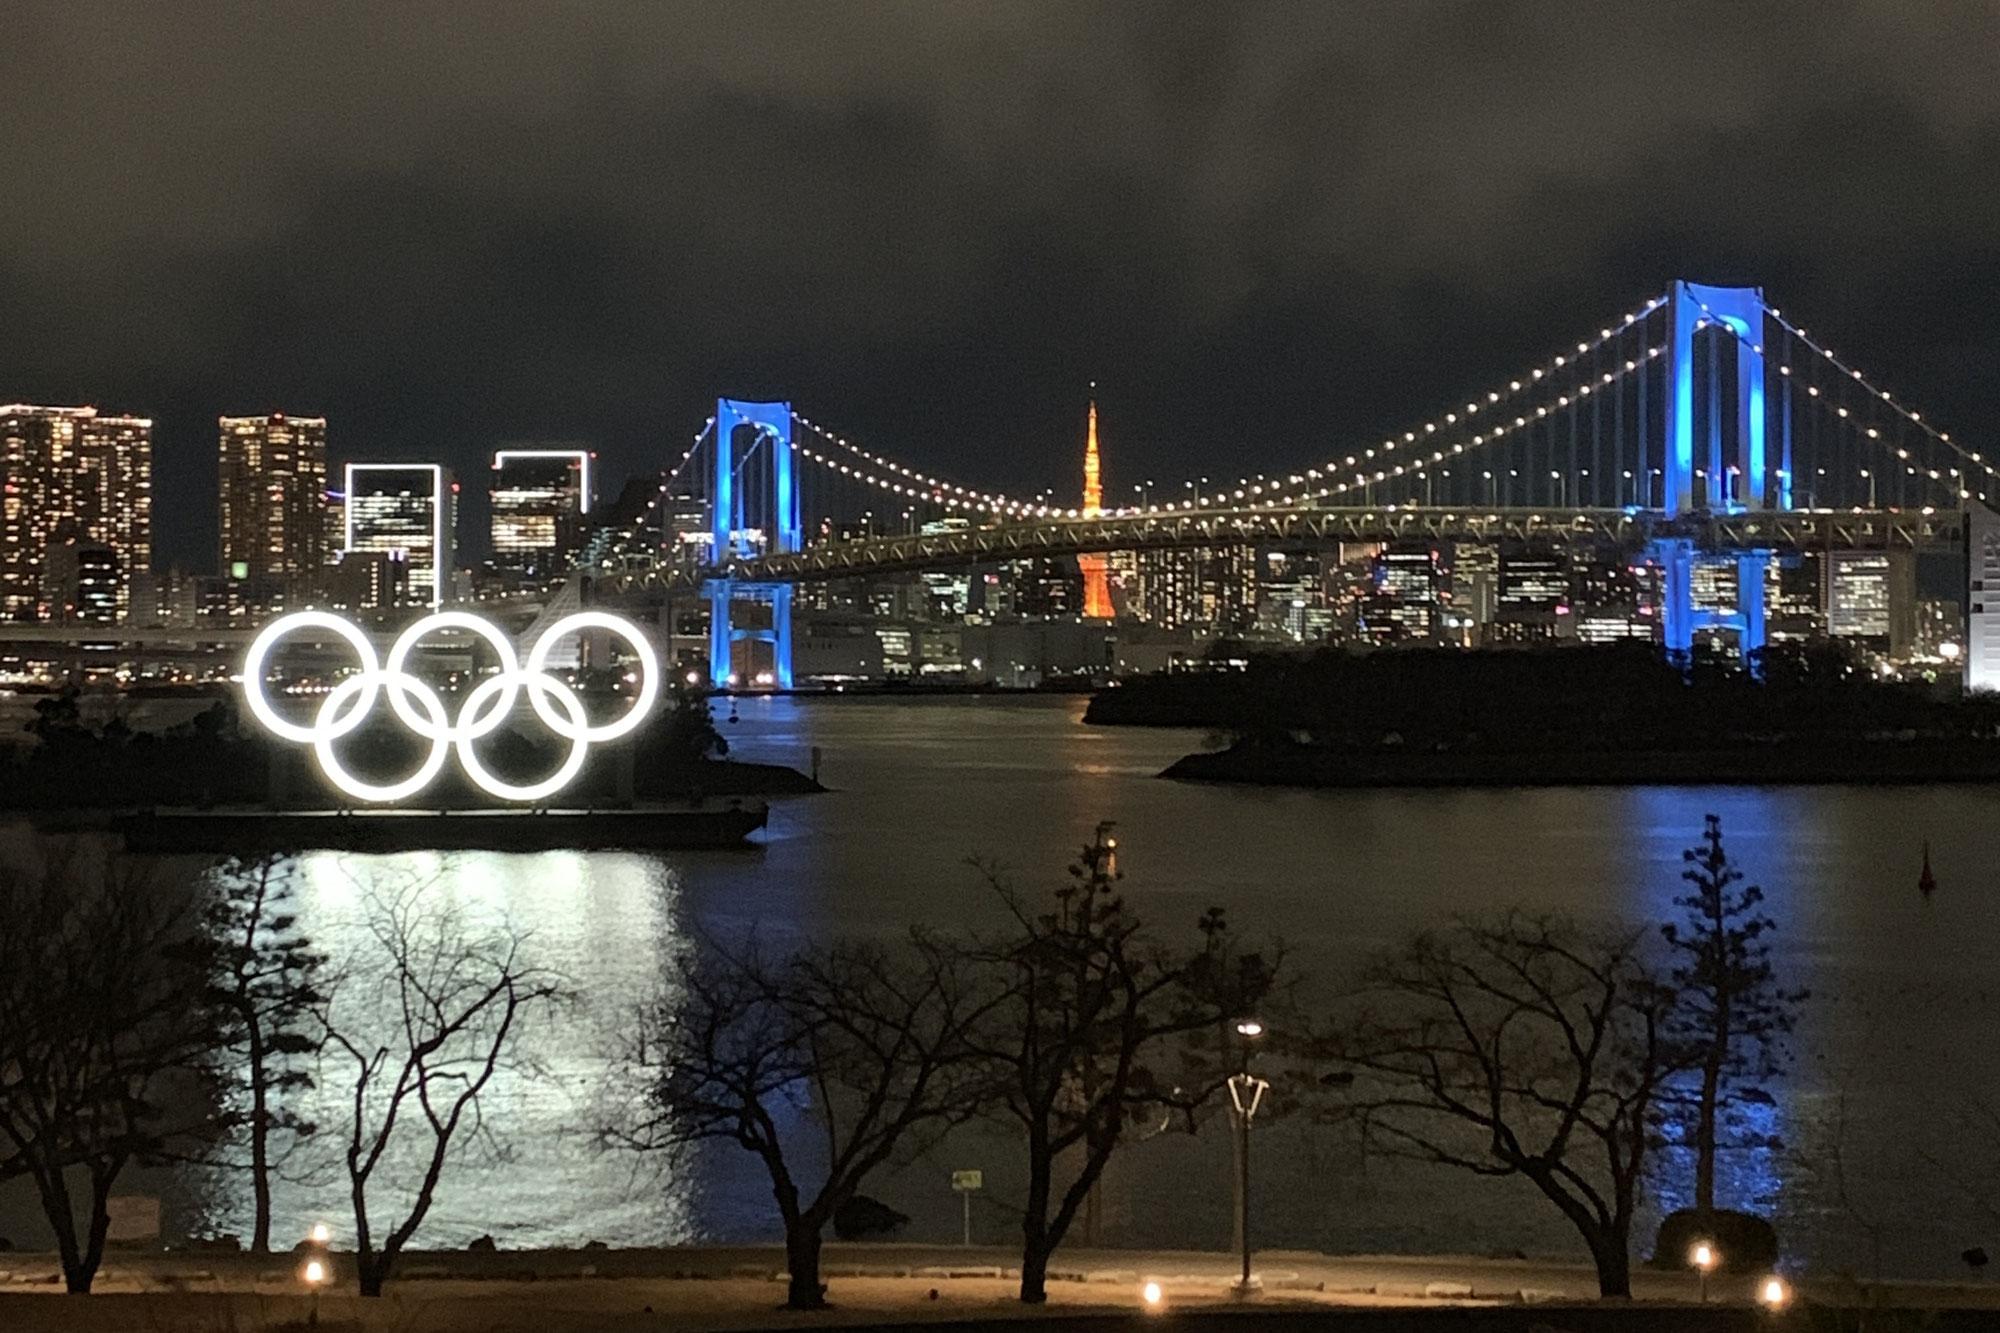 東京2020オリンピック・パラリンピック開催に伴う弊社休業日のお知らせ